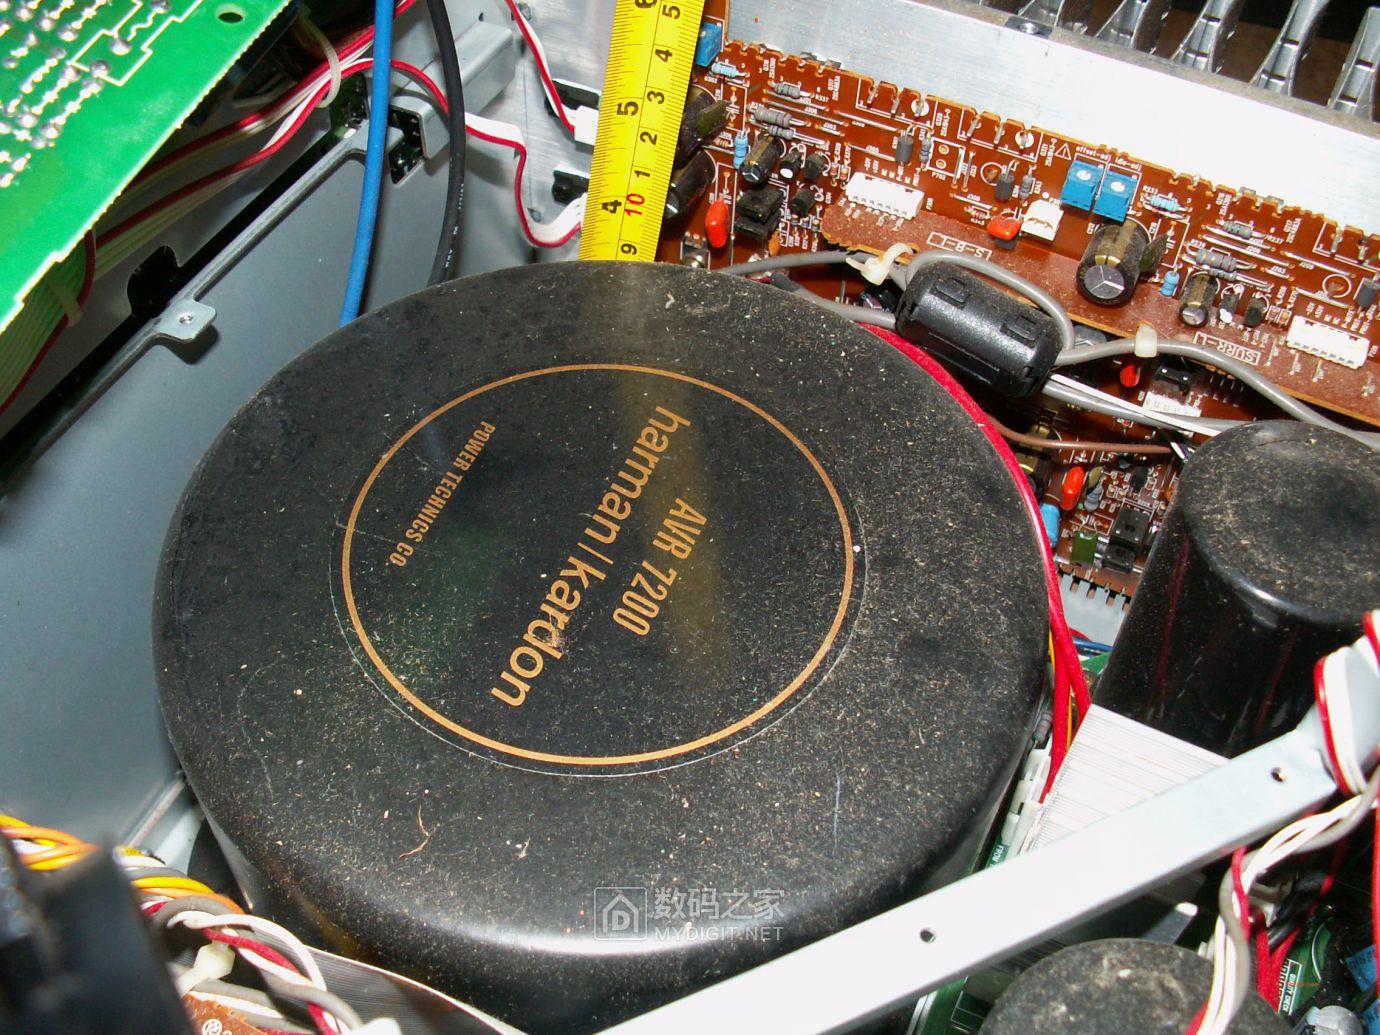 【热点】维修利利普OWON-SDS8102V示波器旋钮失灵,拆机更换全部编码器 数码拆机百科 第31张